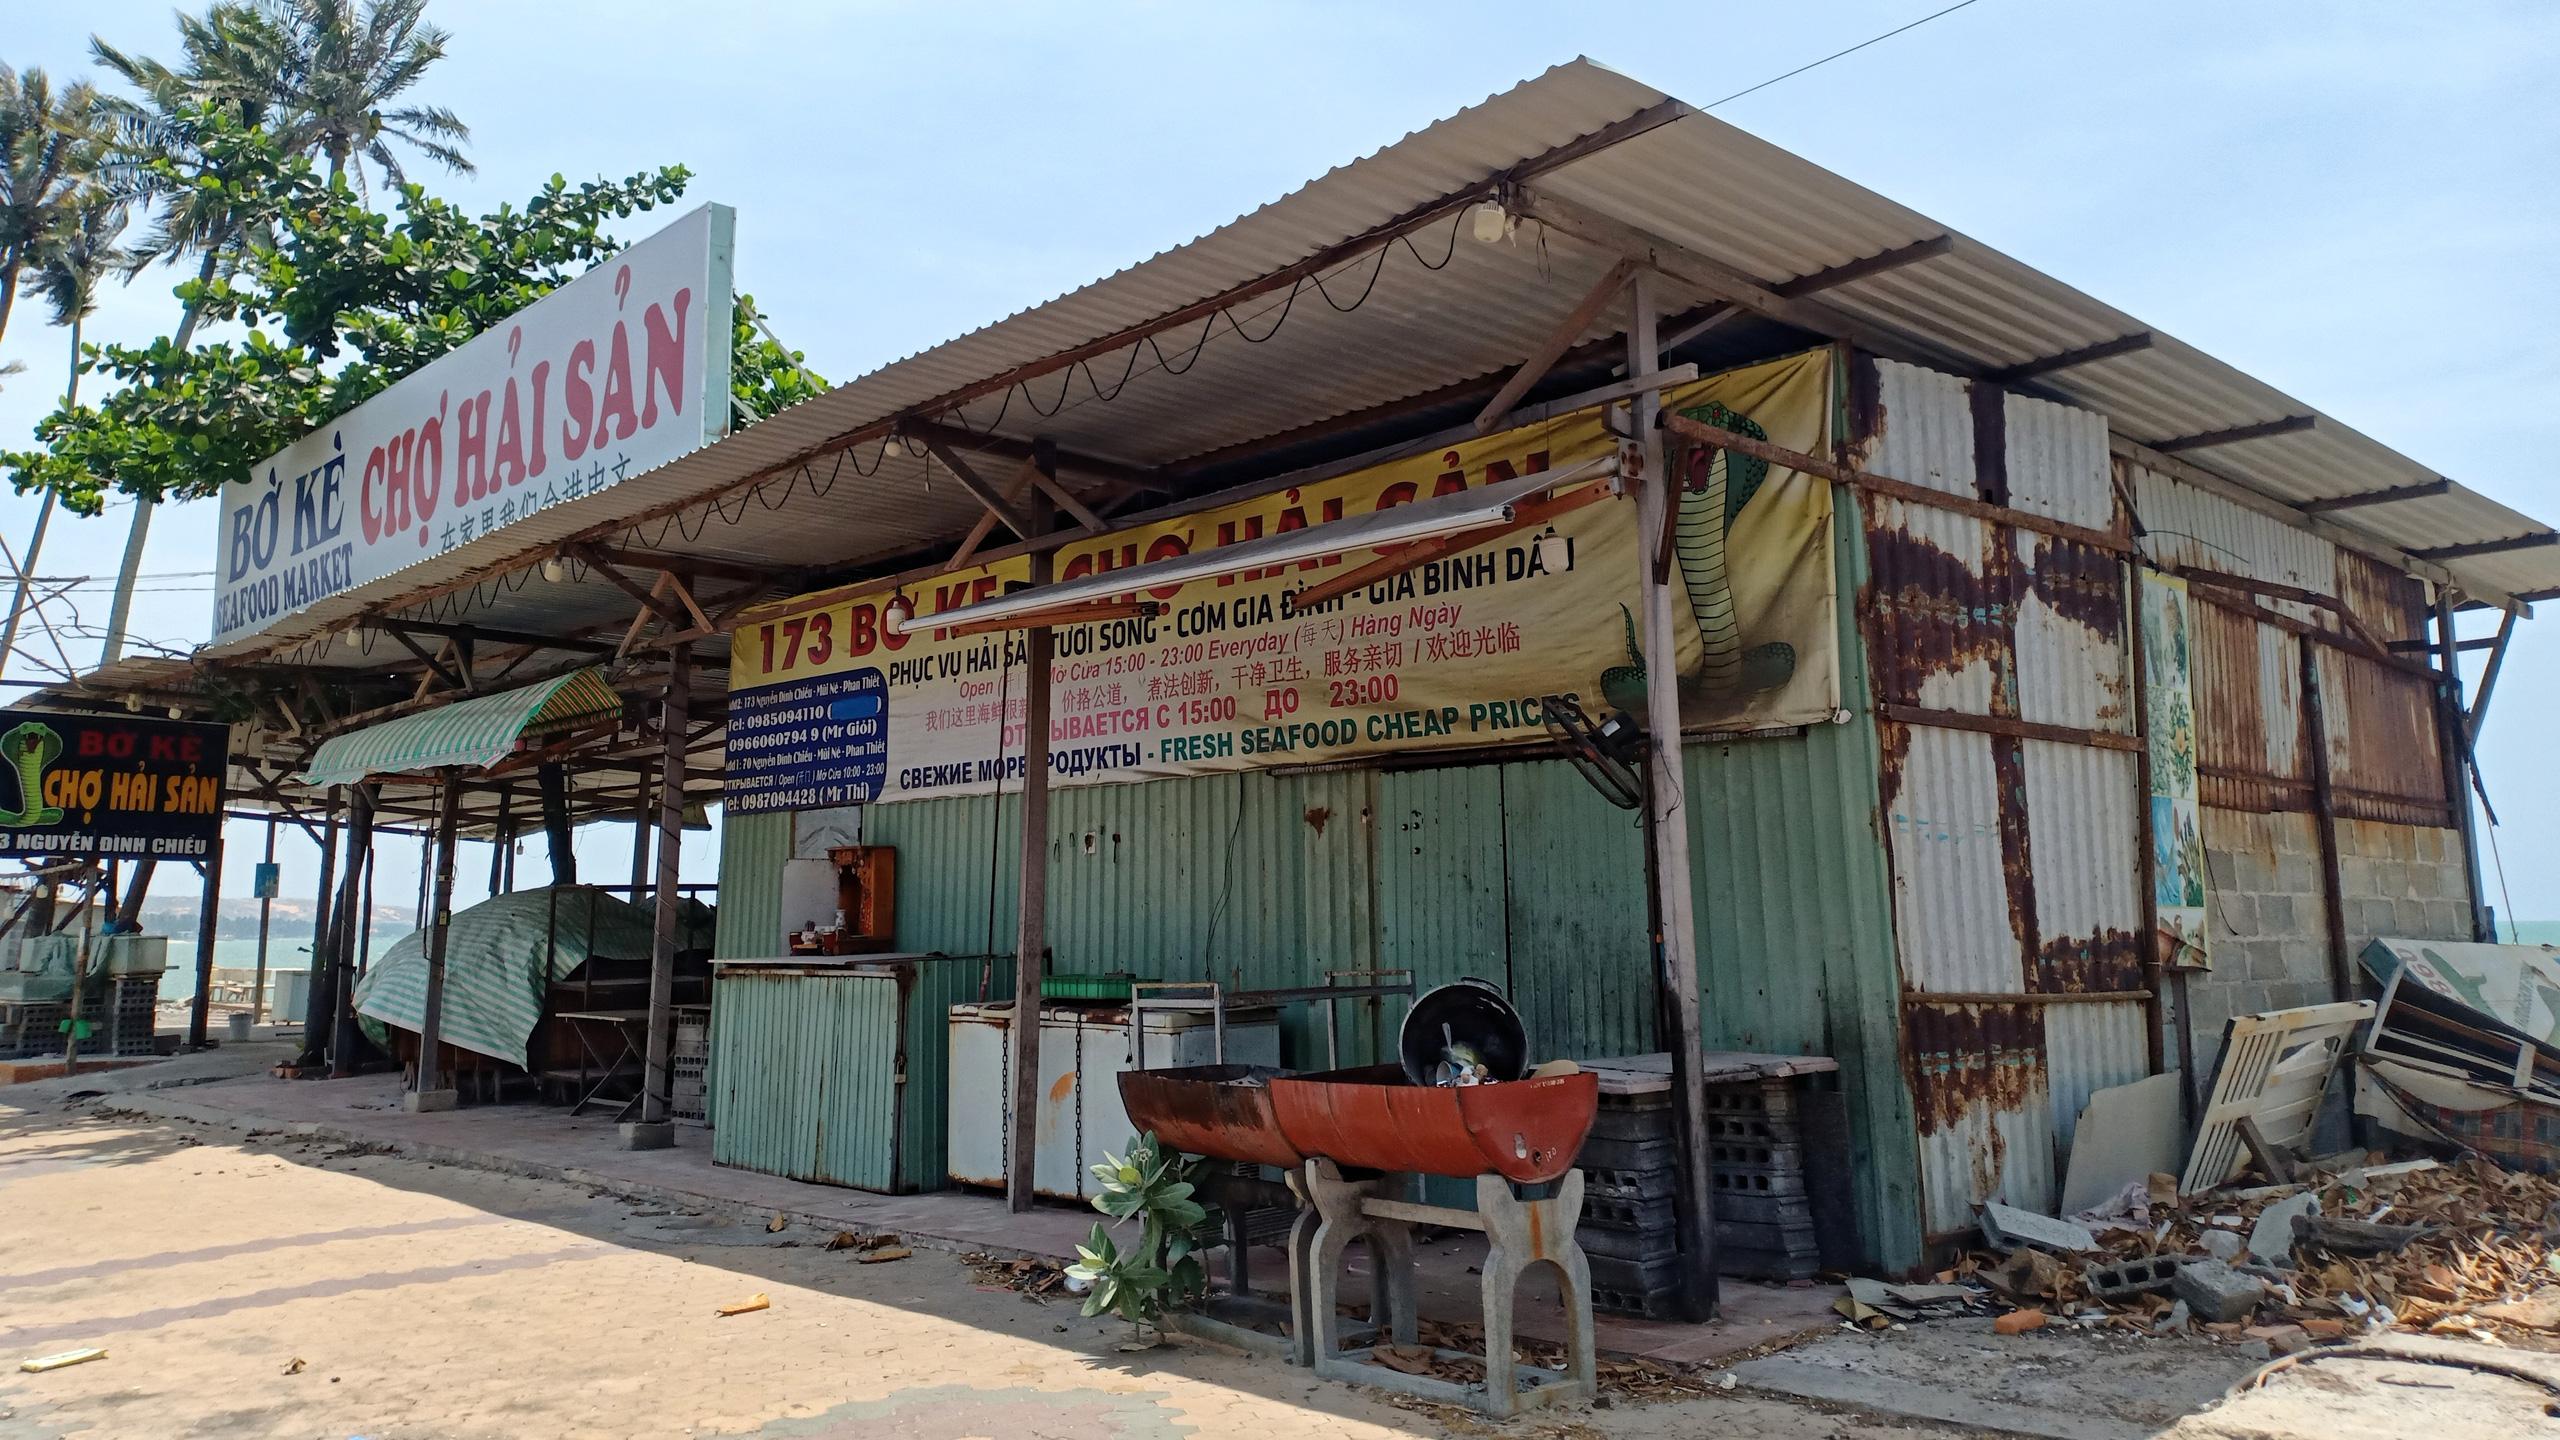 Hàng quán dọc biển Mũi Né đồng loạt 'cửa đóng then cài' - Ảnh 10.